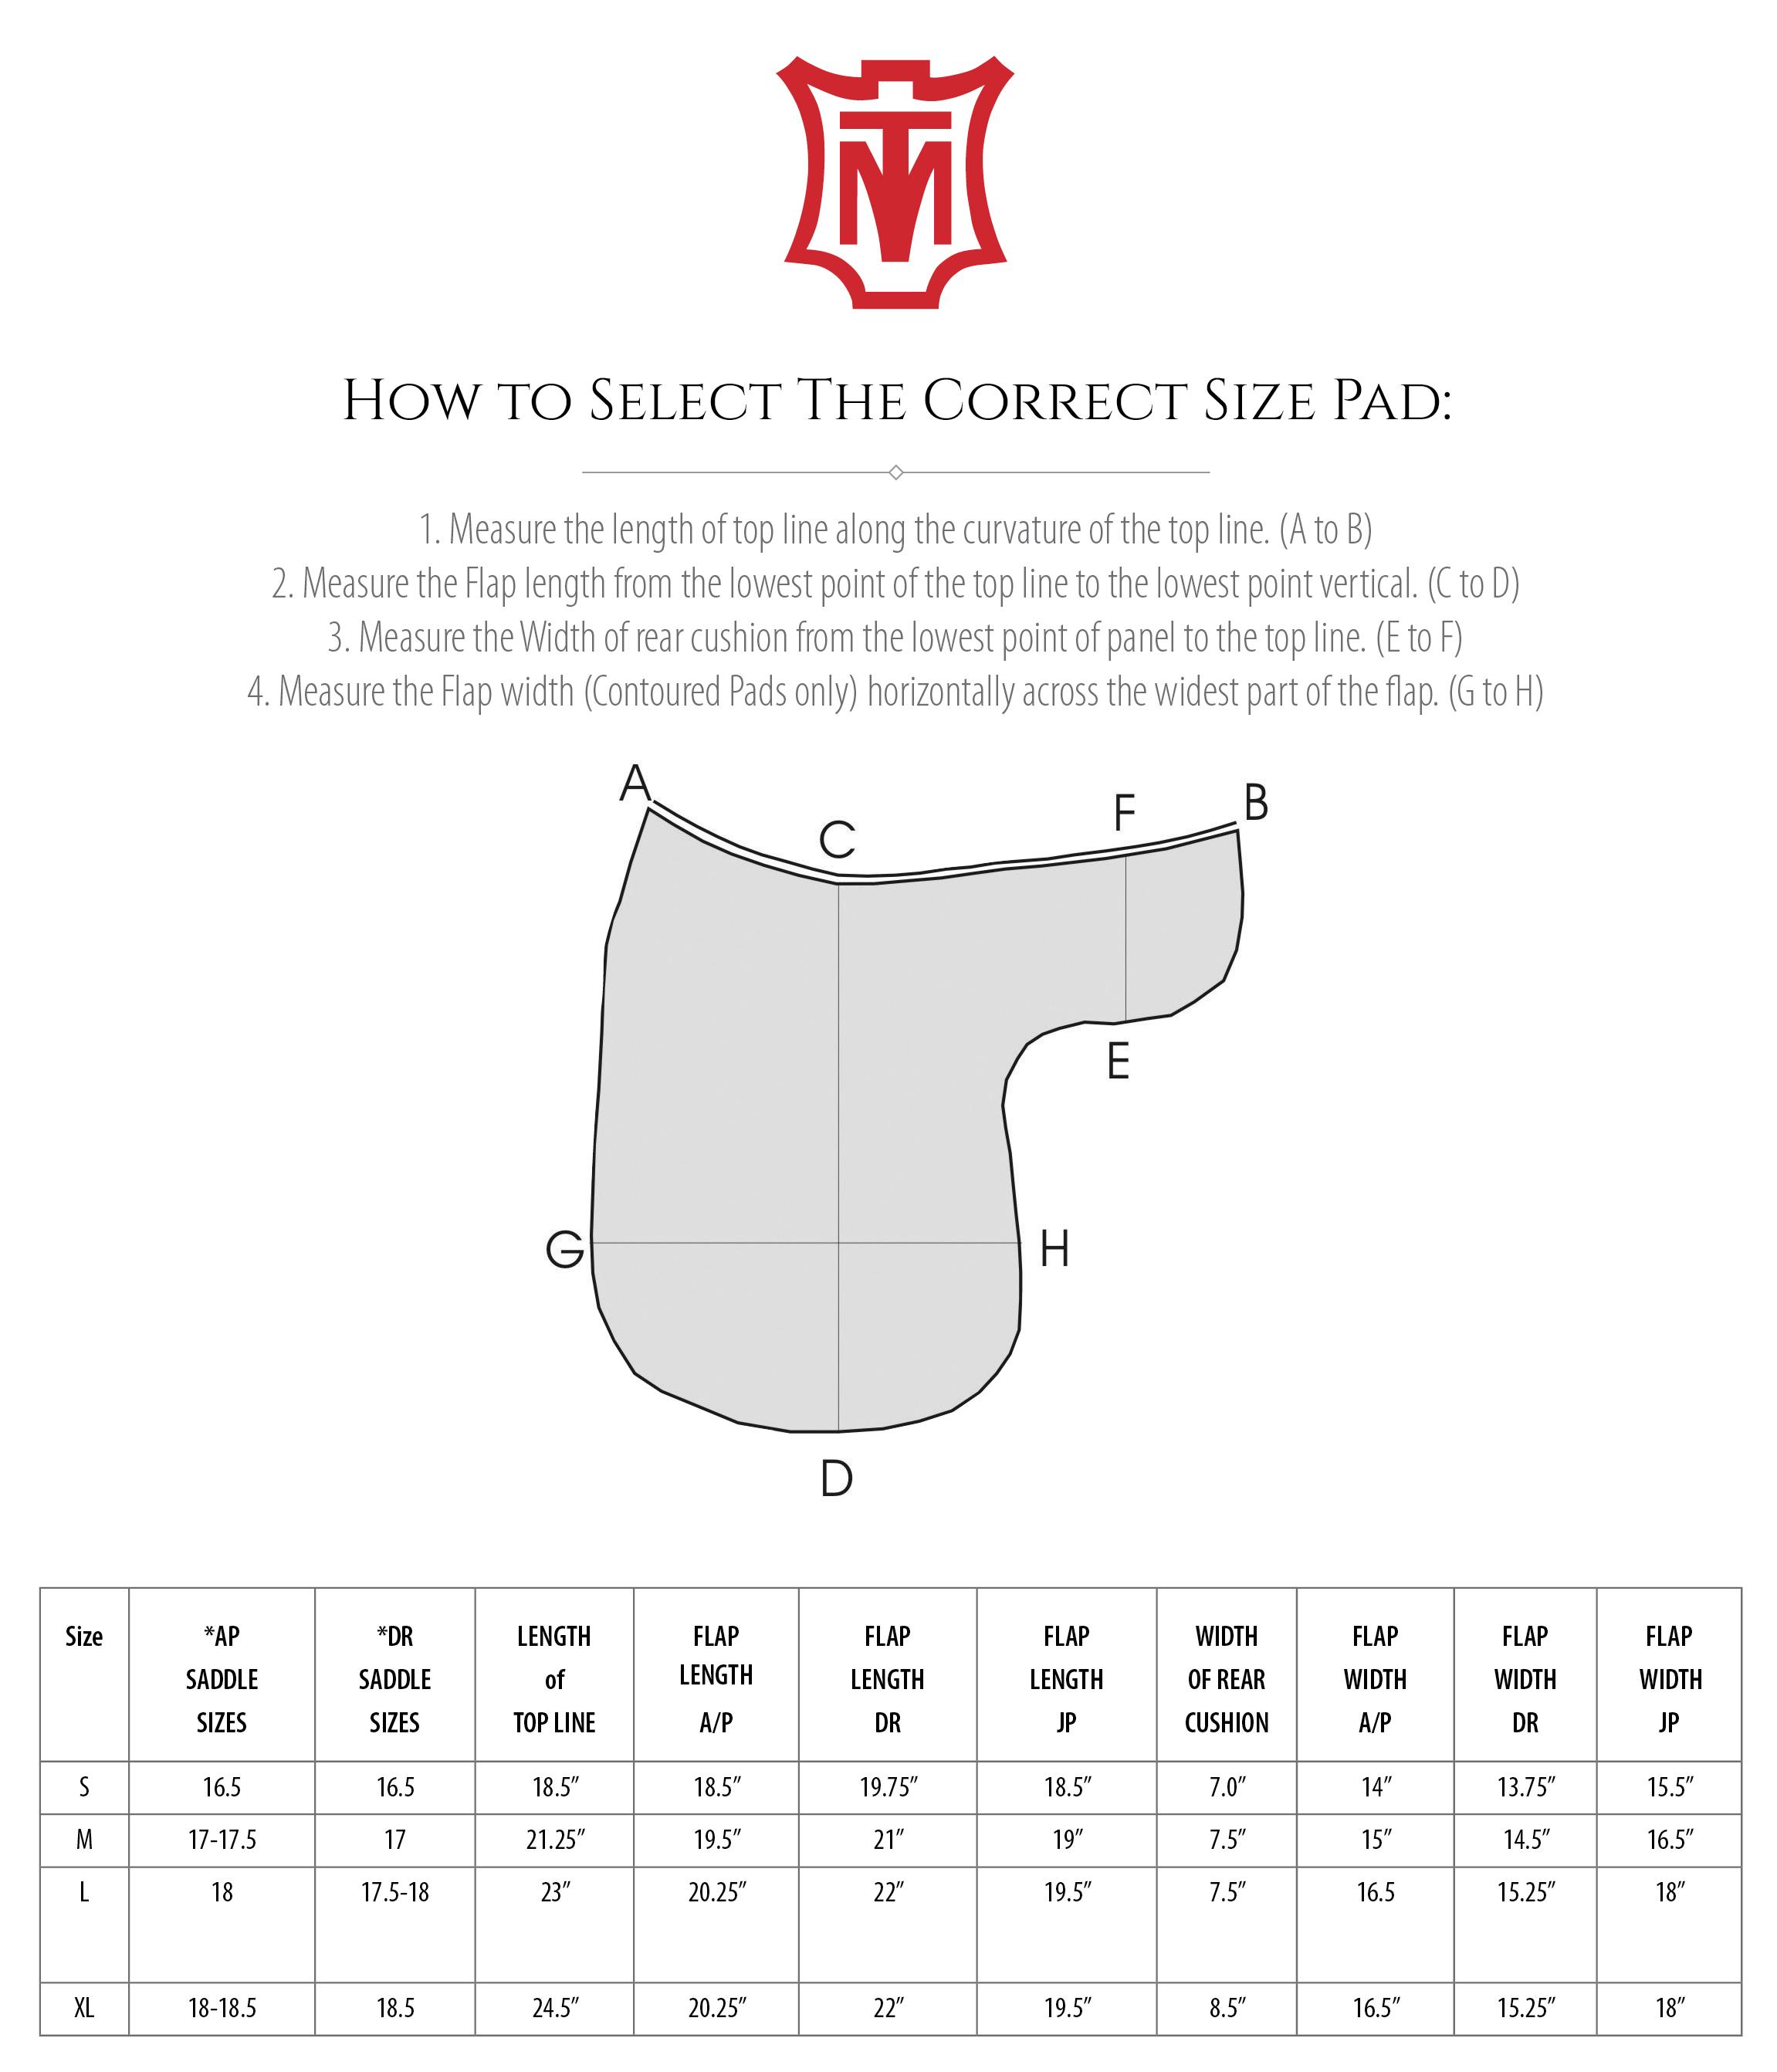 e-a-mattes-correct-size-pad